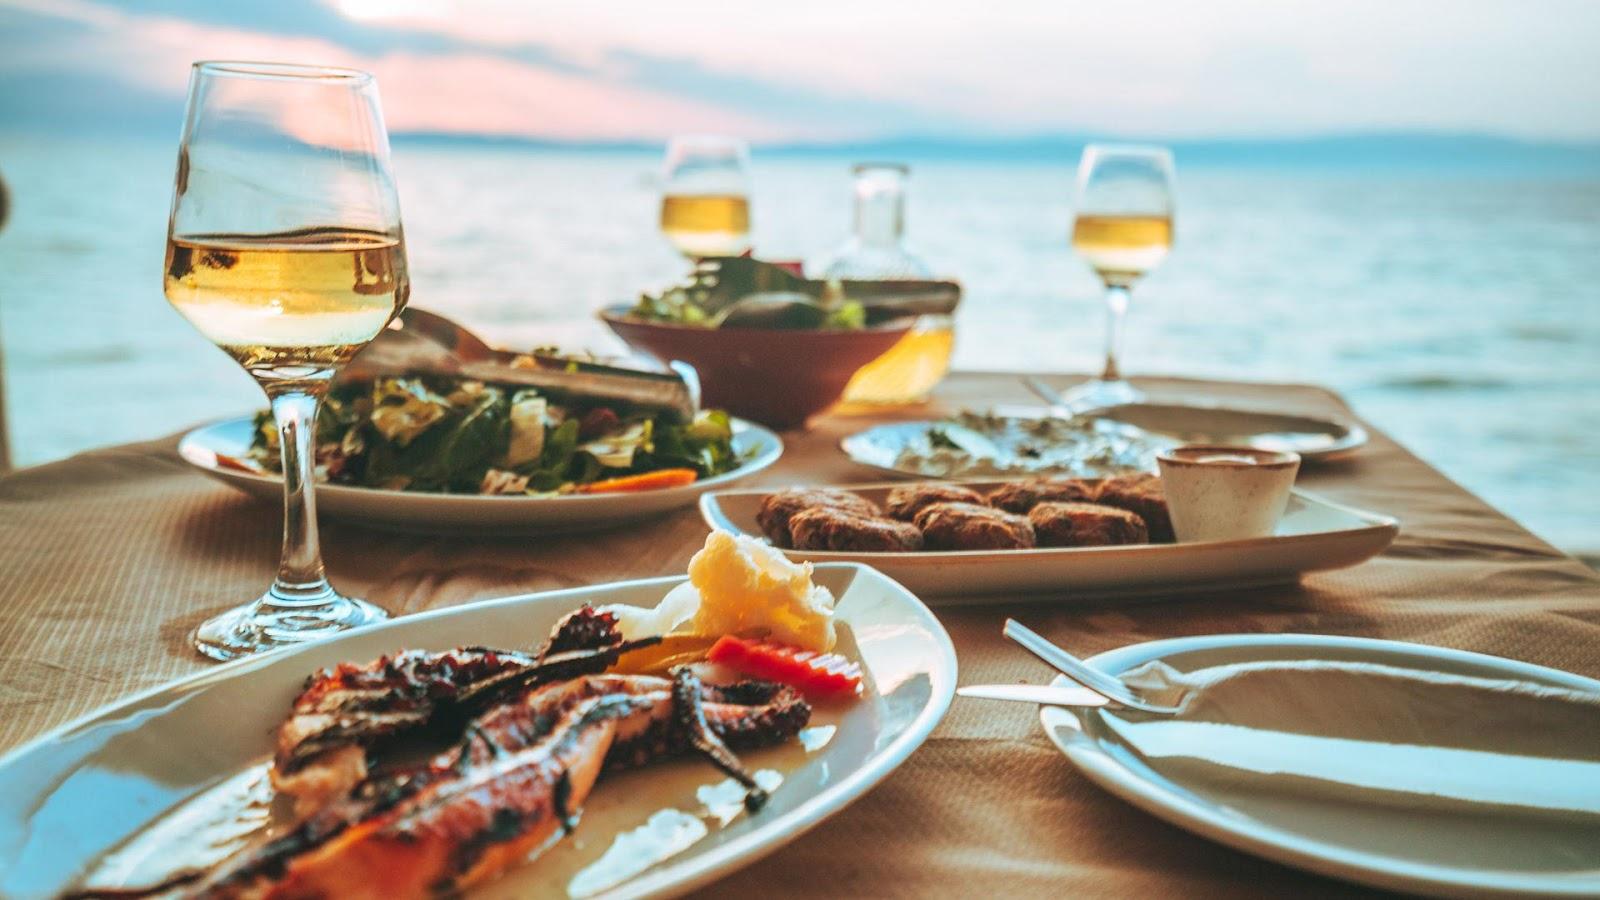 Ein Bild, das Tisch, Wasser, Teller, Mahlzeit enthält.  Automatisch generierte Beschreibung